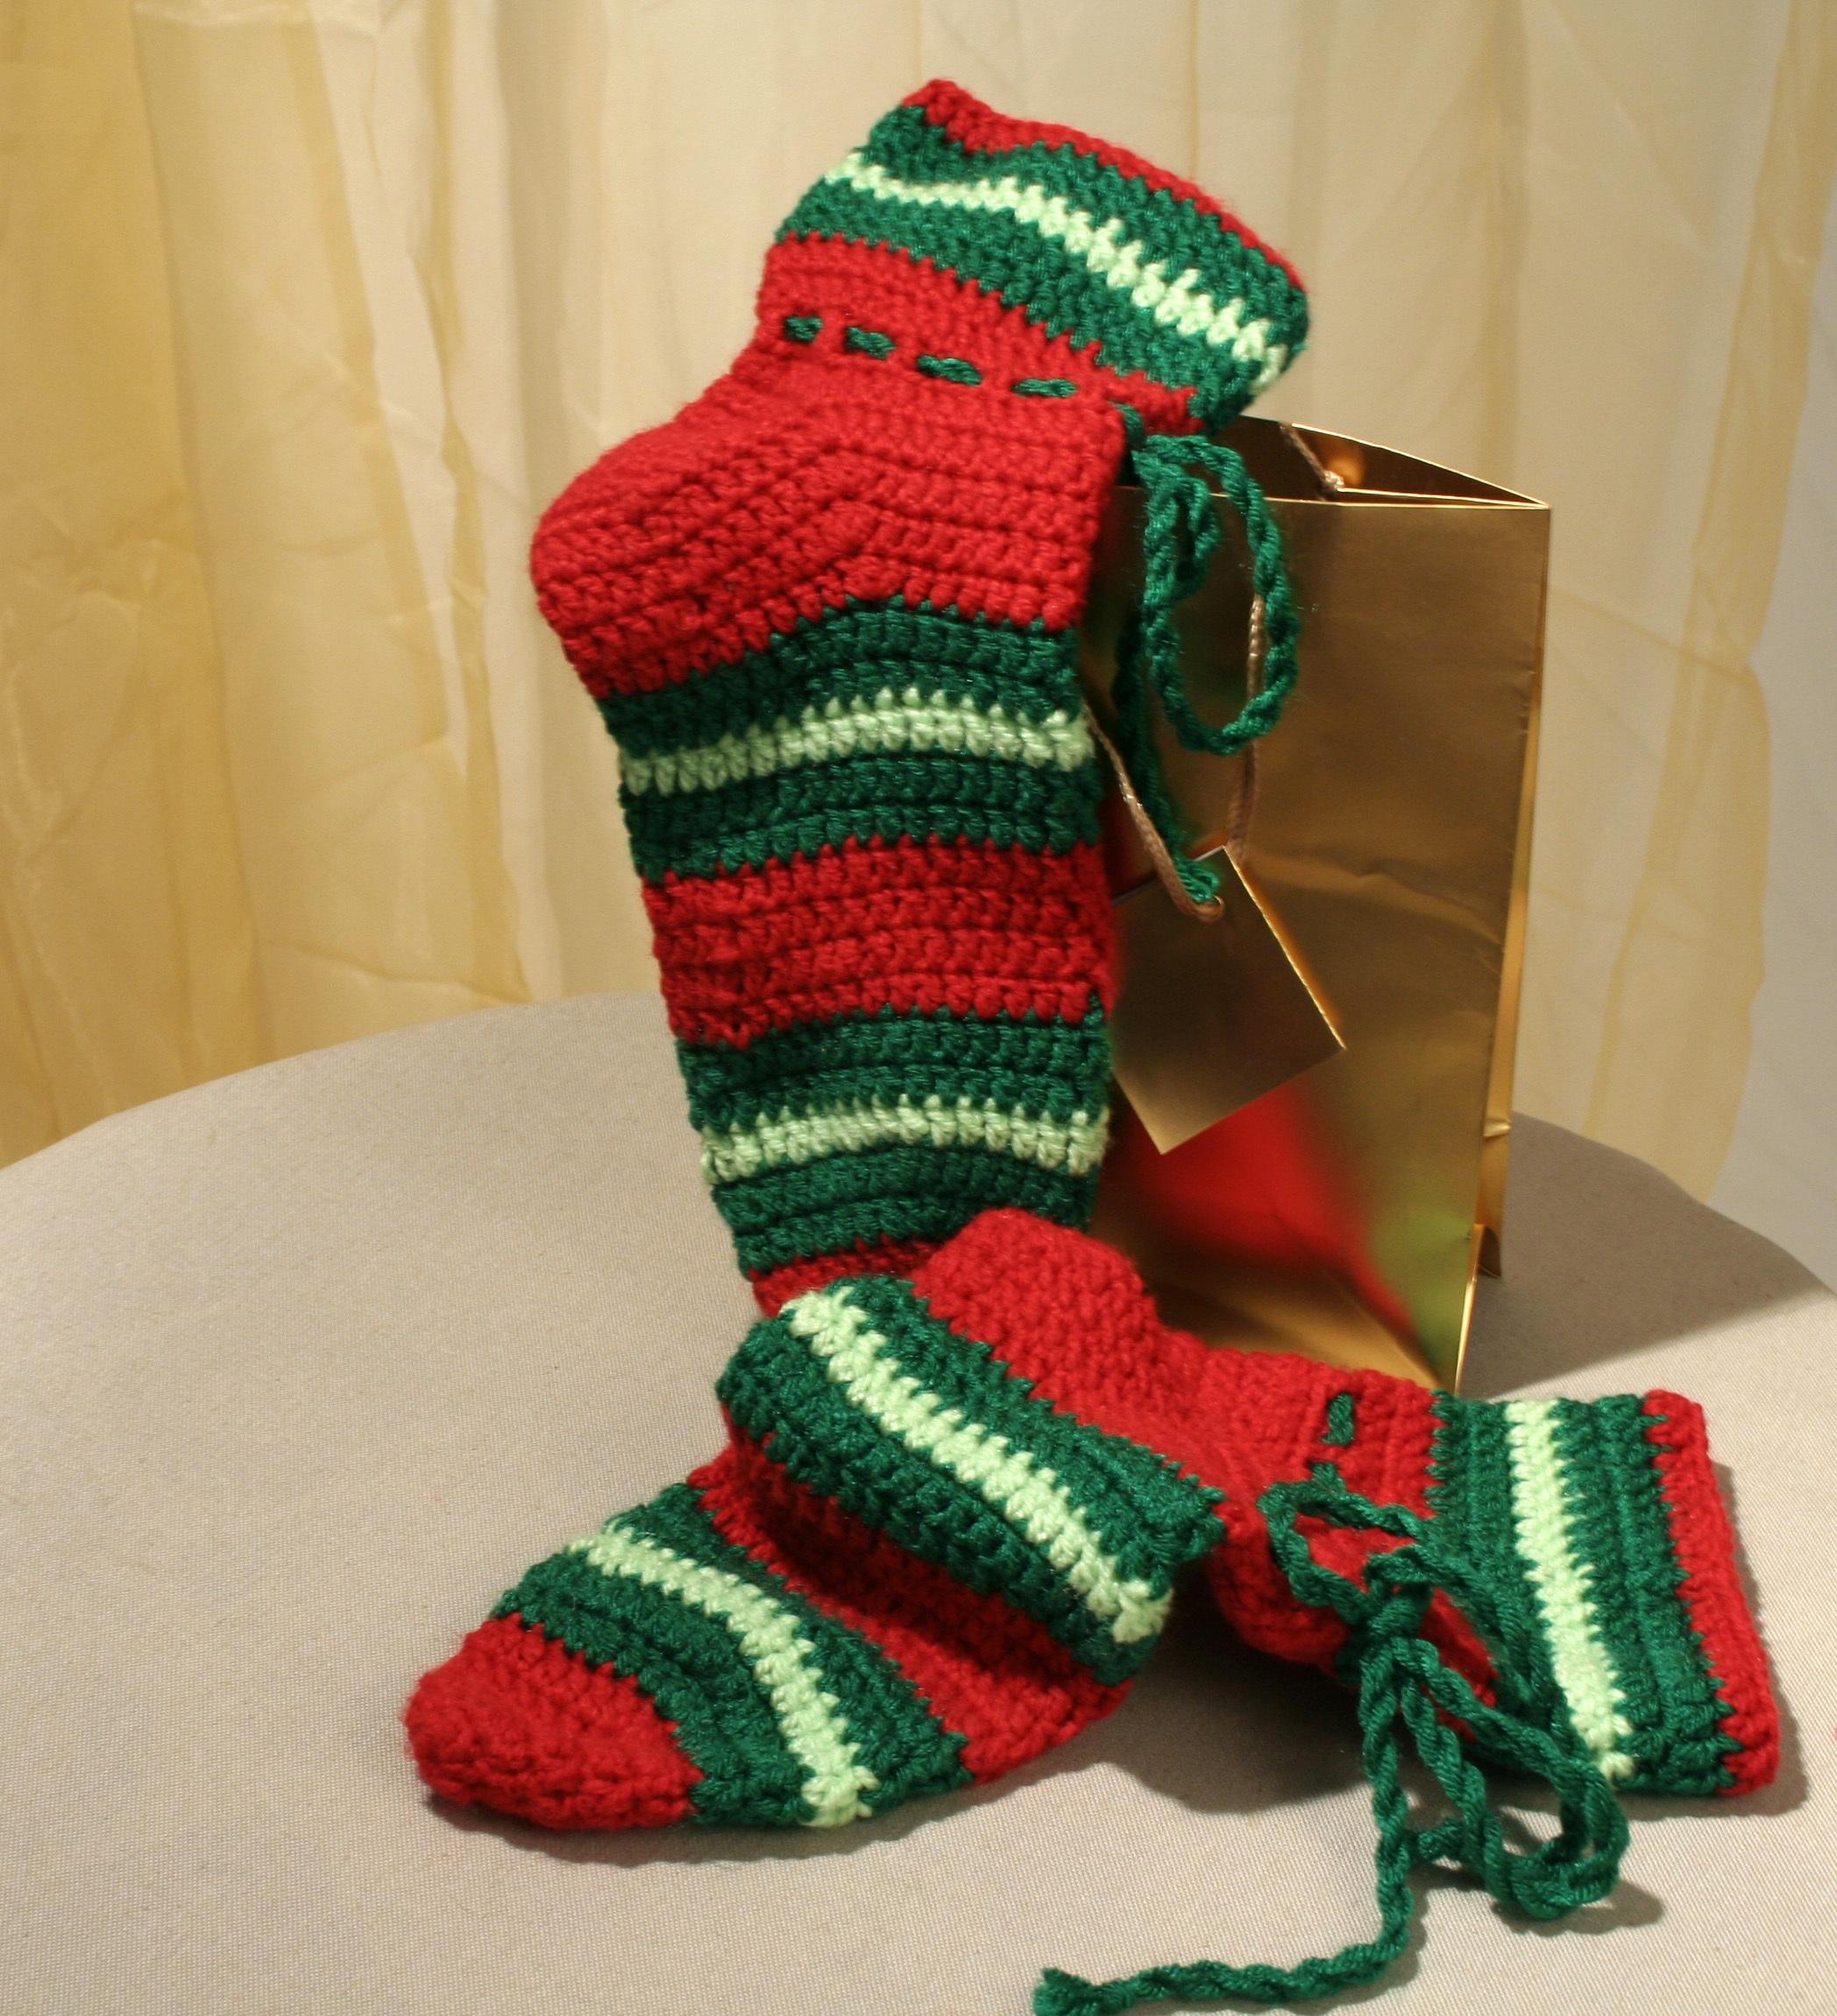 Kostenlose foto : Muster, Grün, rot, Weihnachten, Wolle, häkeln ...